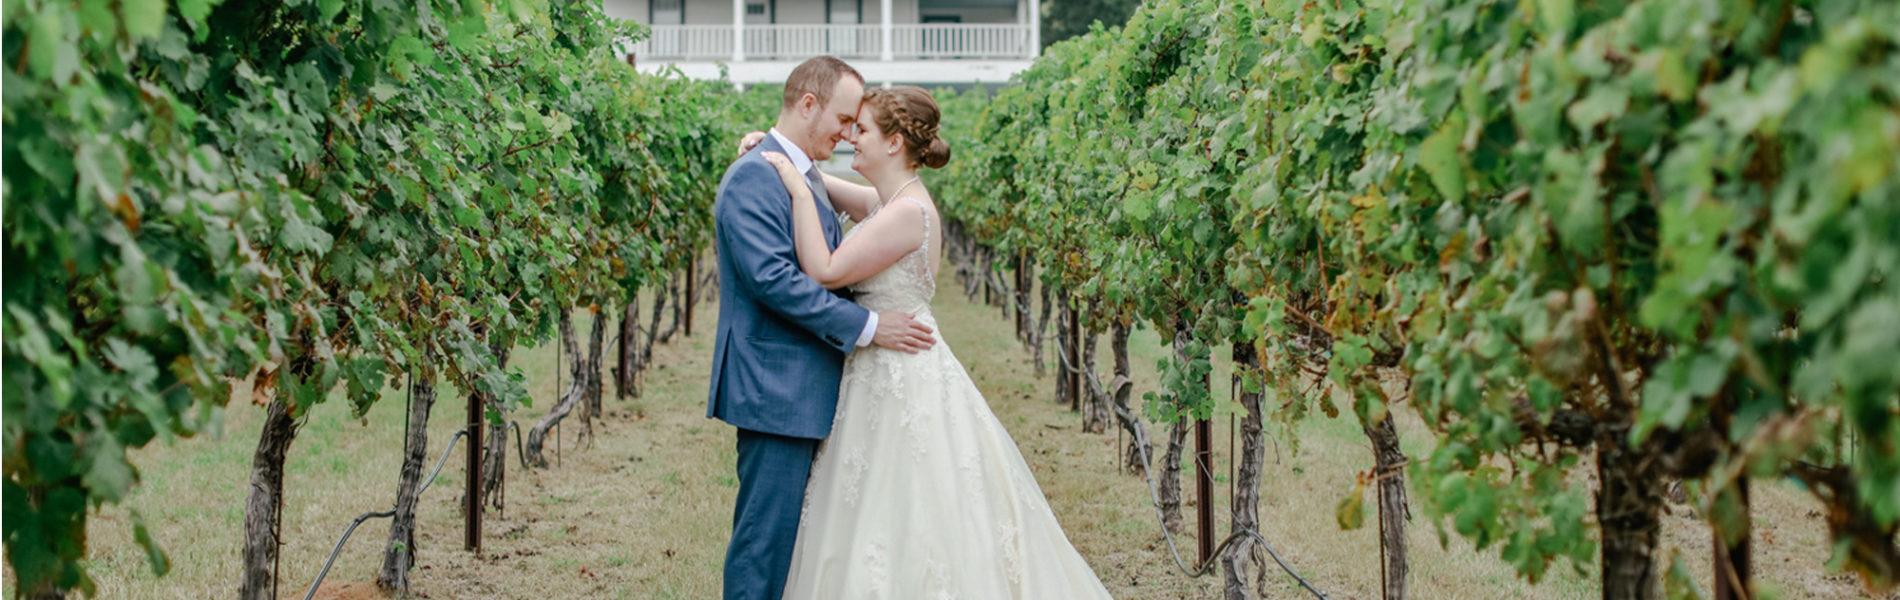 Kaley Nicole Wedding Photography